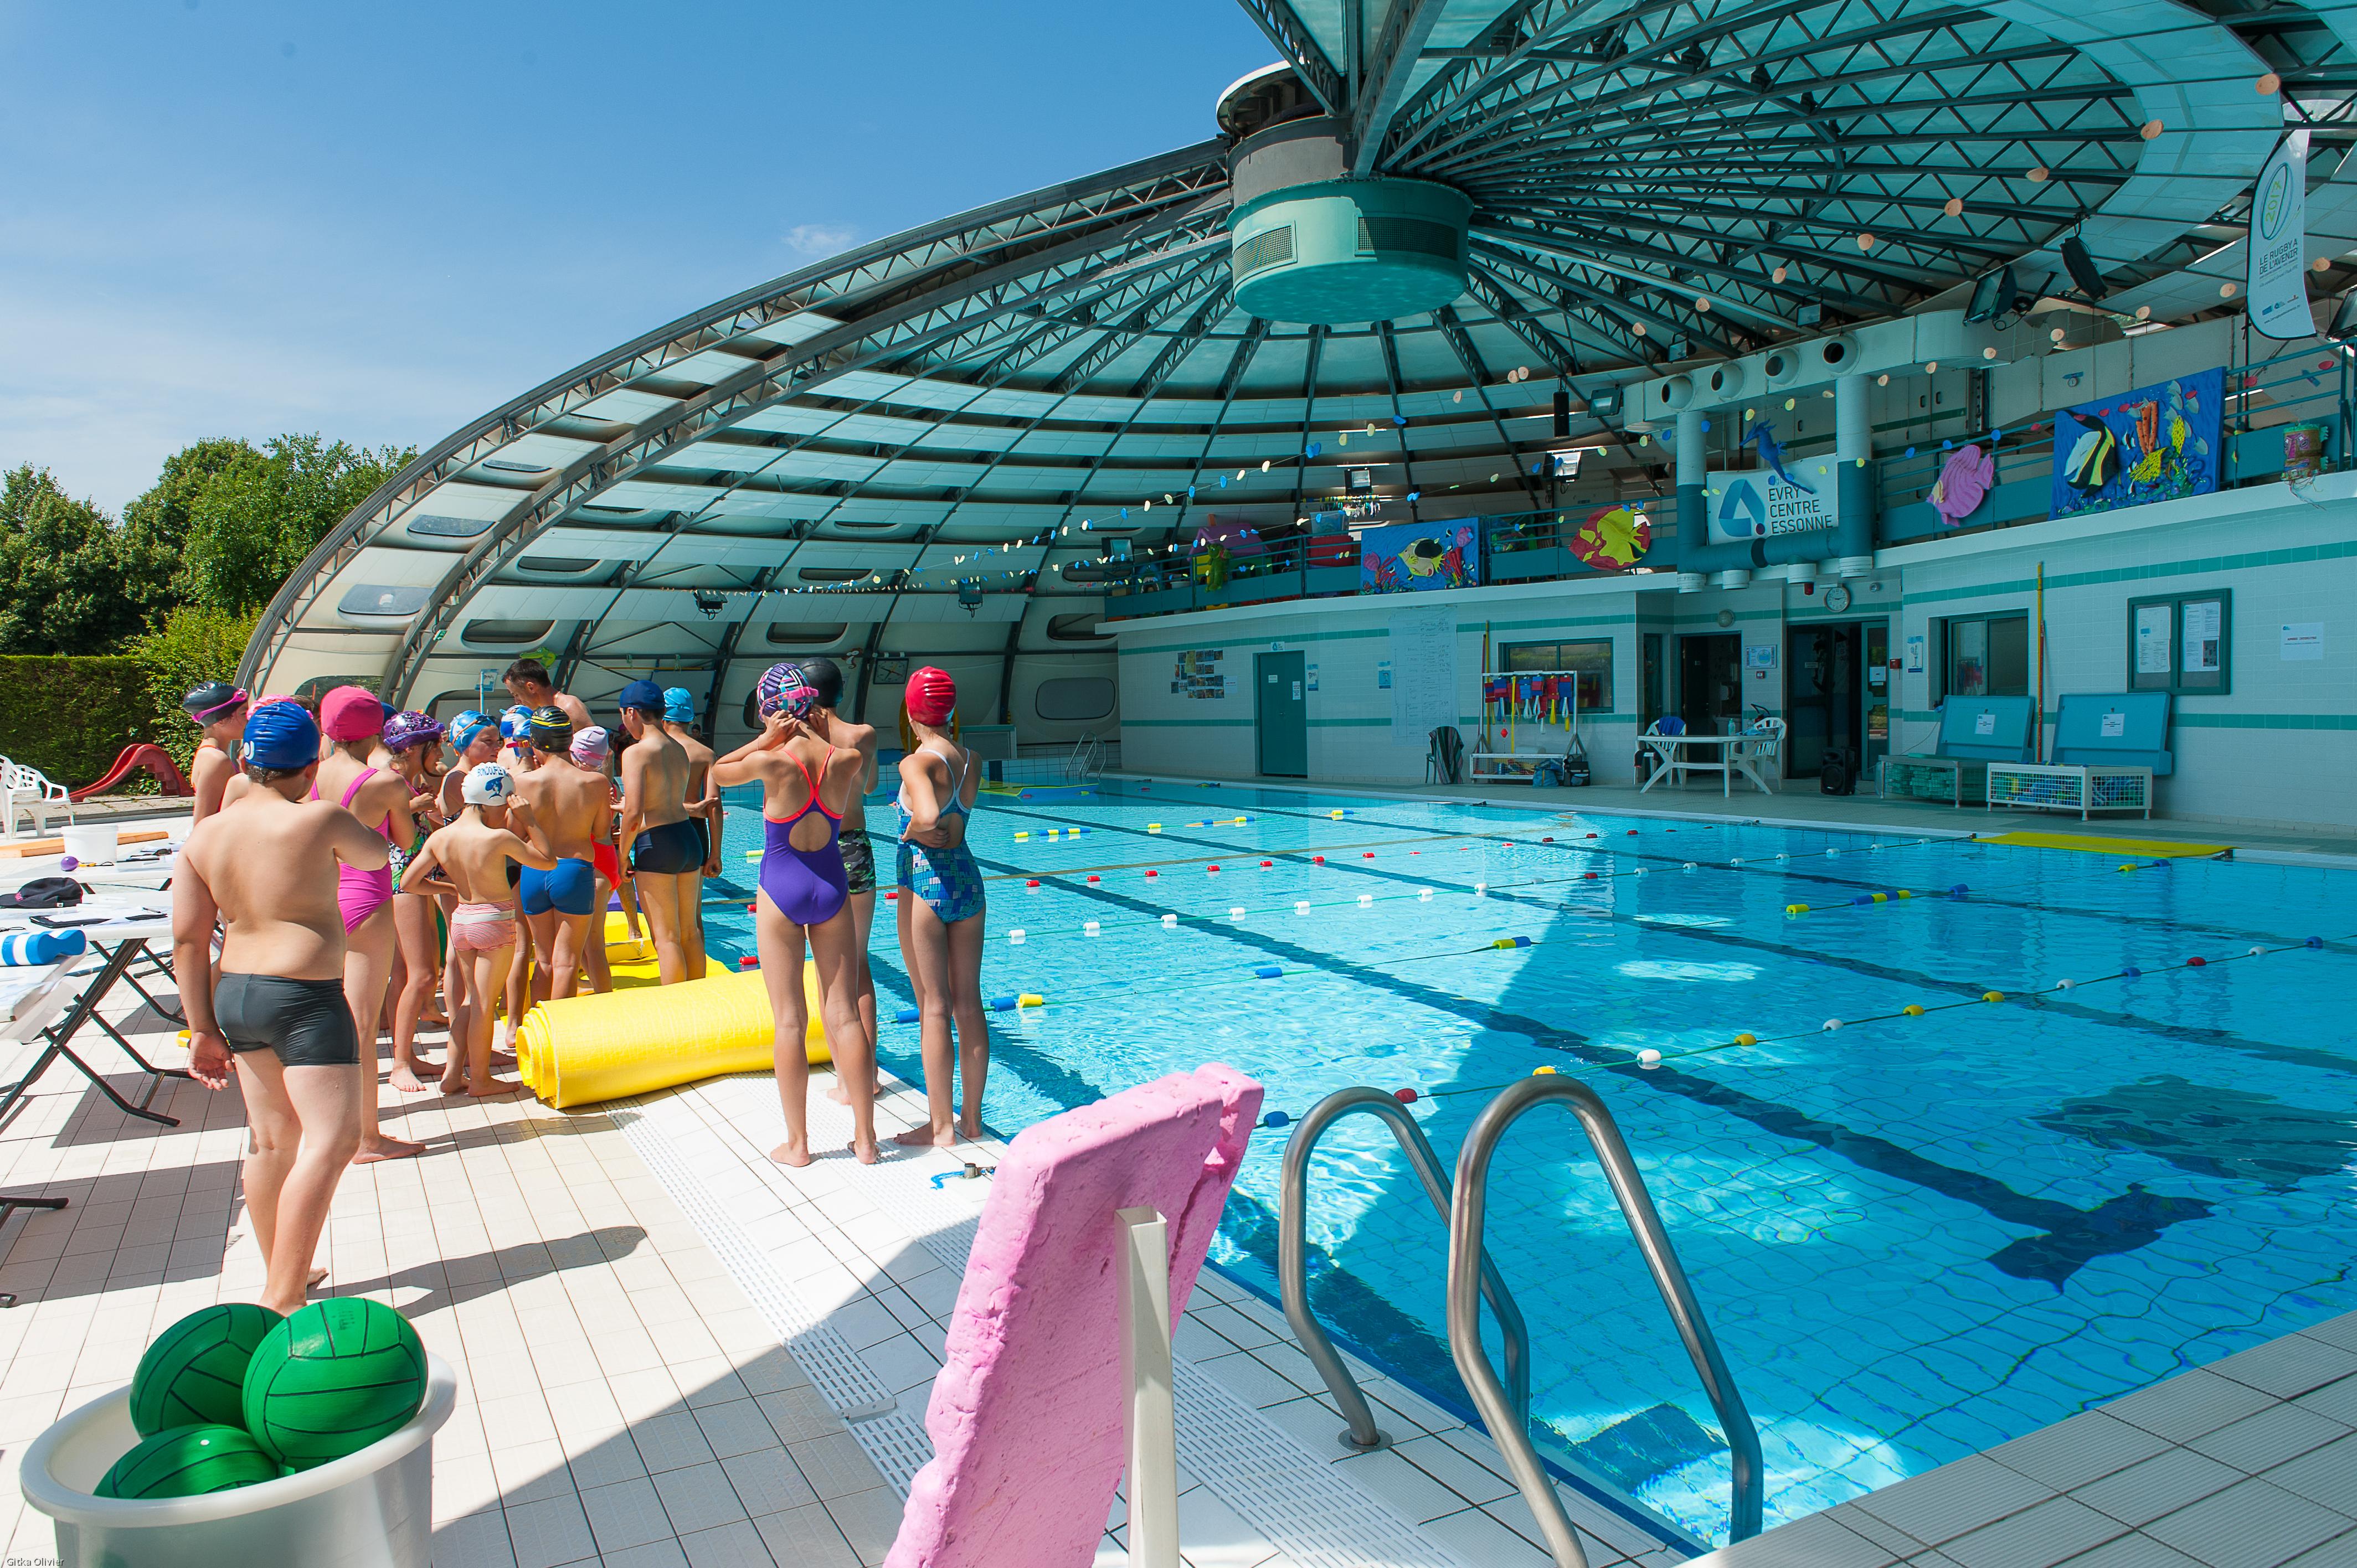 Impressionnant piscine pour femme ile de france piscine for Piscine des halles